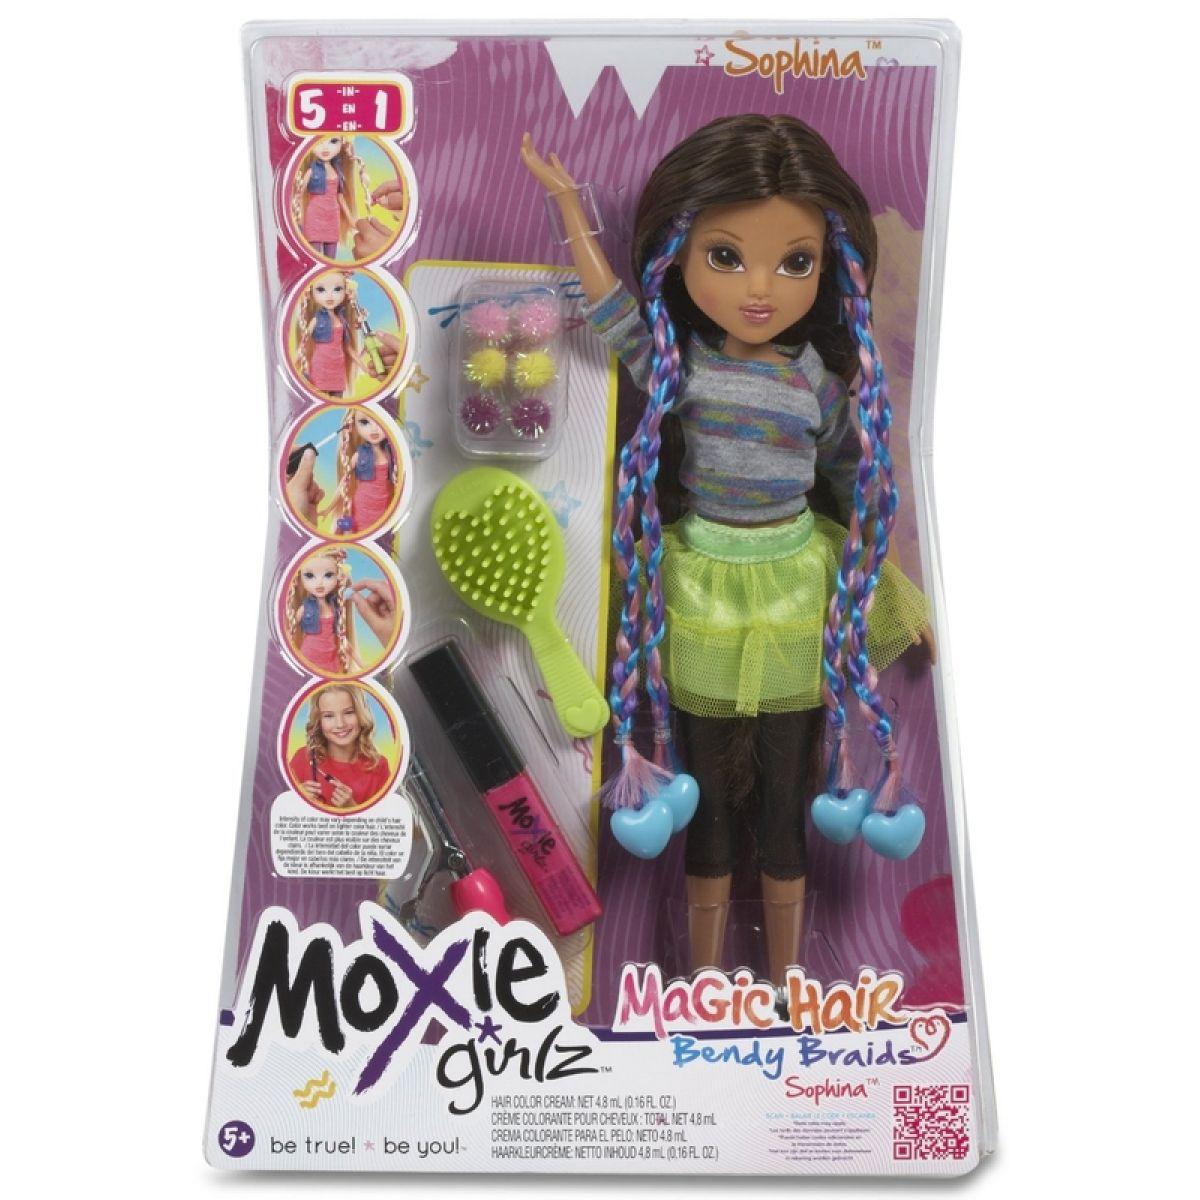 Moxie Girlz Magické vlasy s barevnými sponkami - Sophina #3